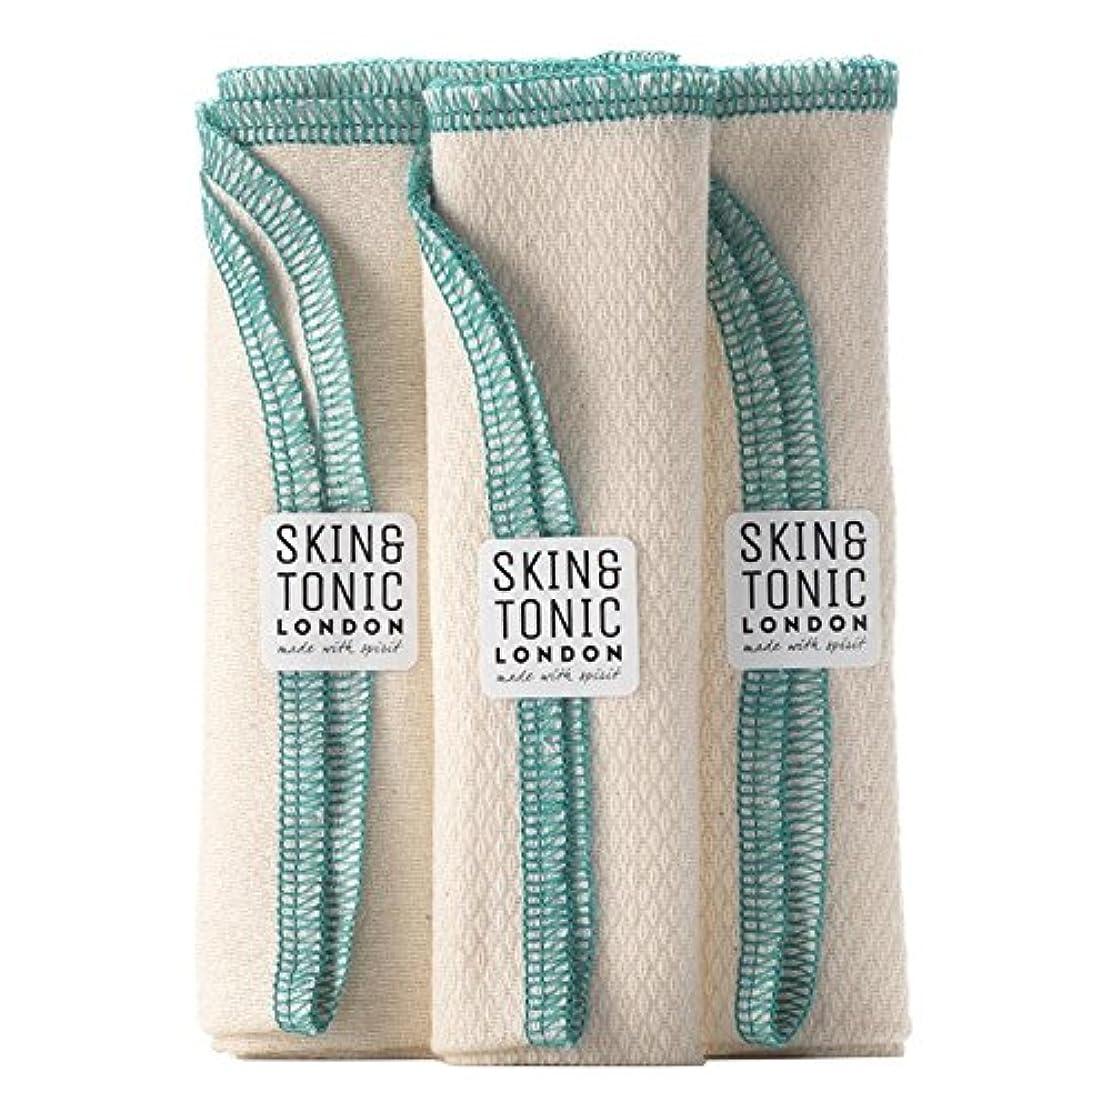 憂鬱なクーポン収縮Skin & Tonic London Organic Cotton Cloth (Pack of 6) - スキン&トニックロンドンオーガニックコットン生地 x6 [並行輸入品]